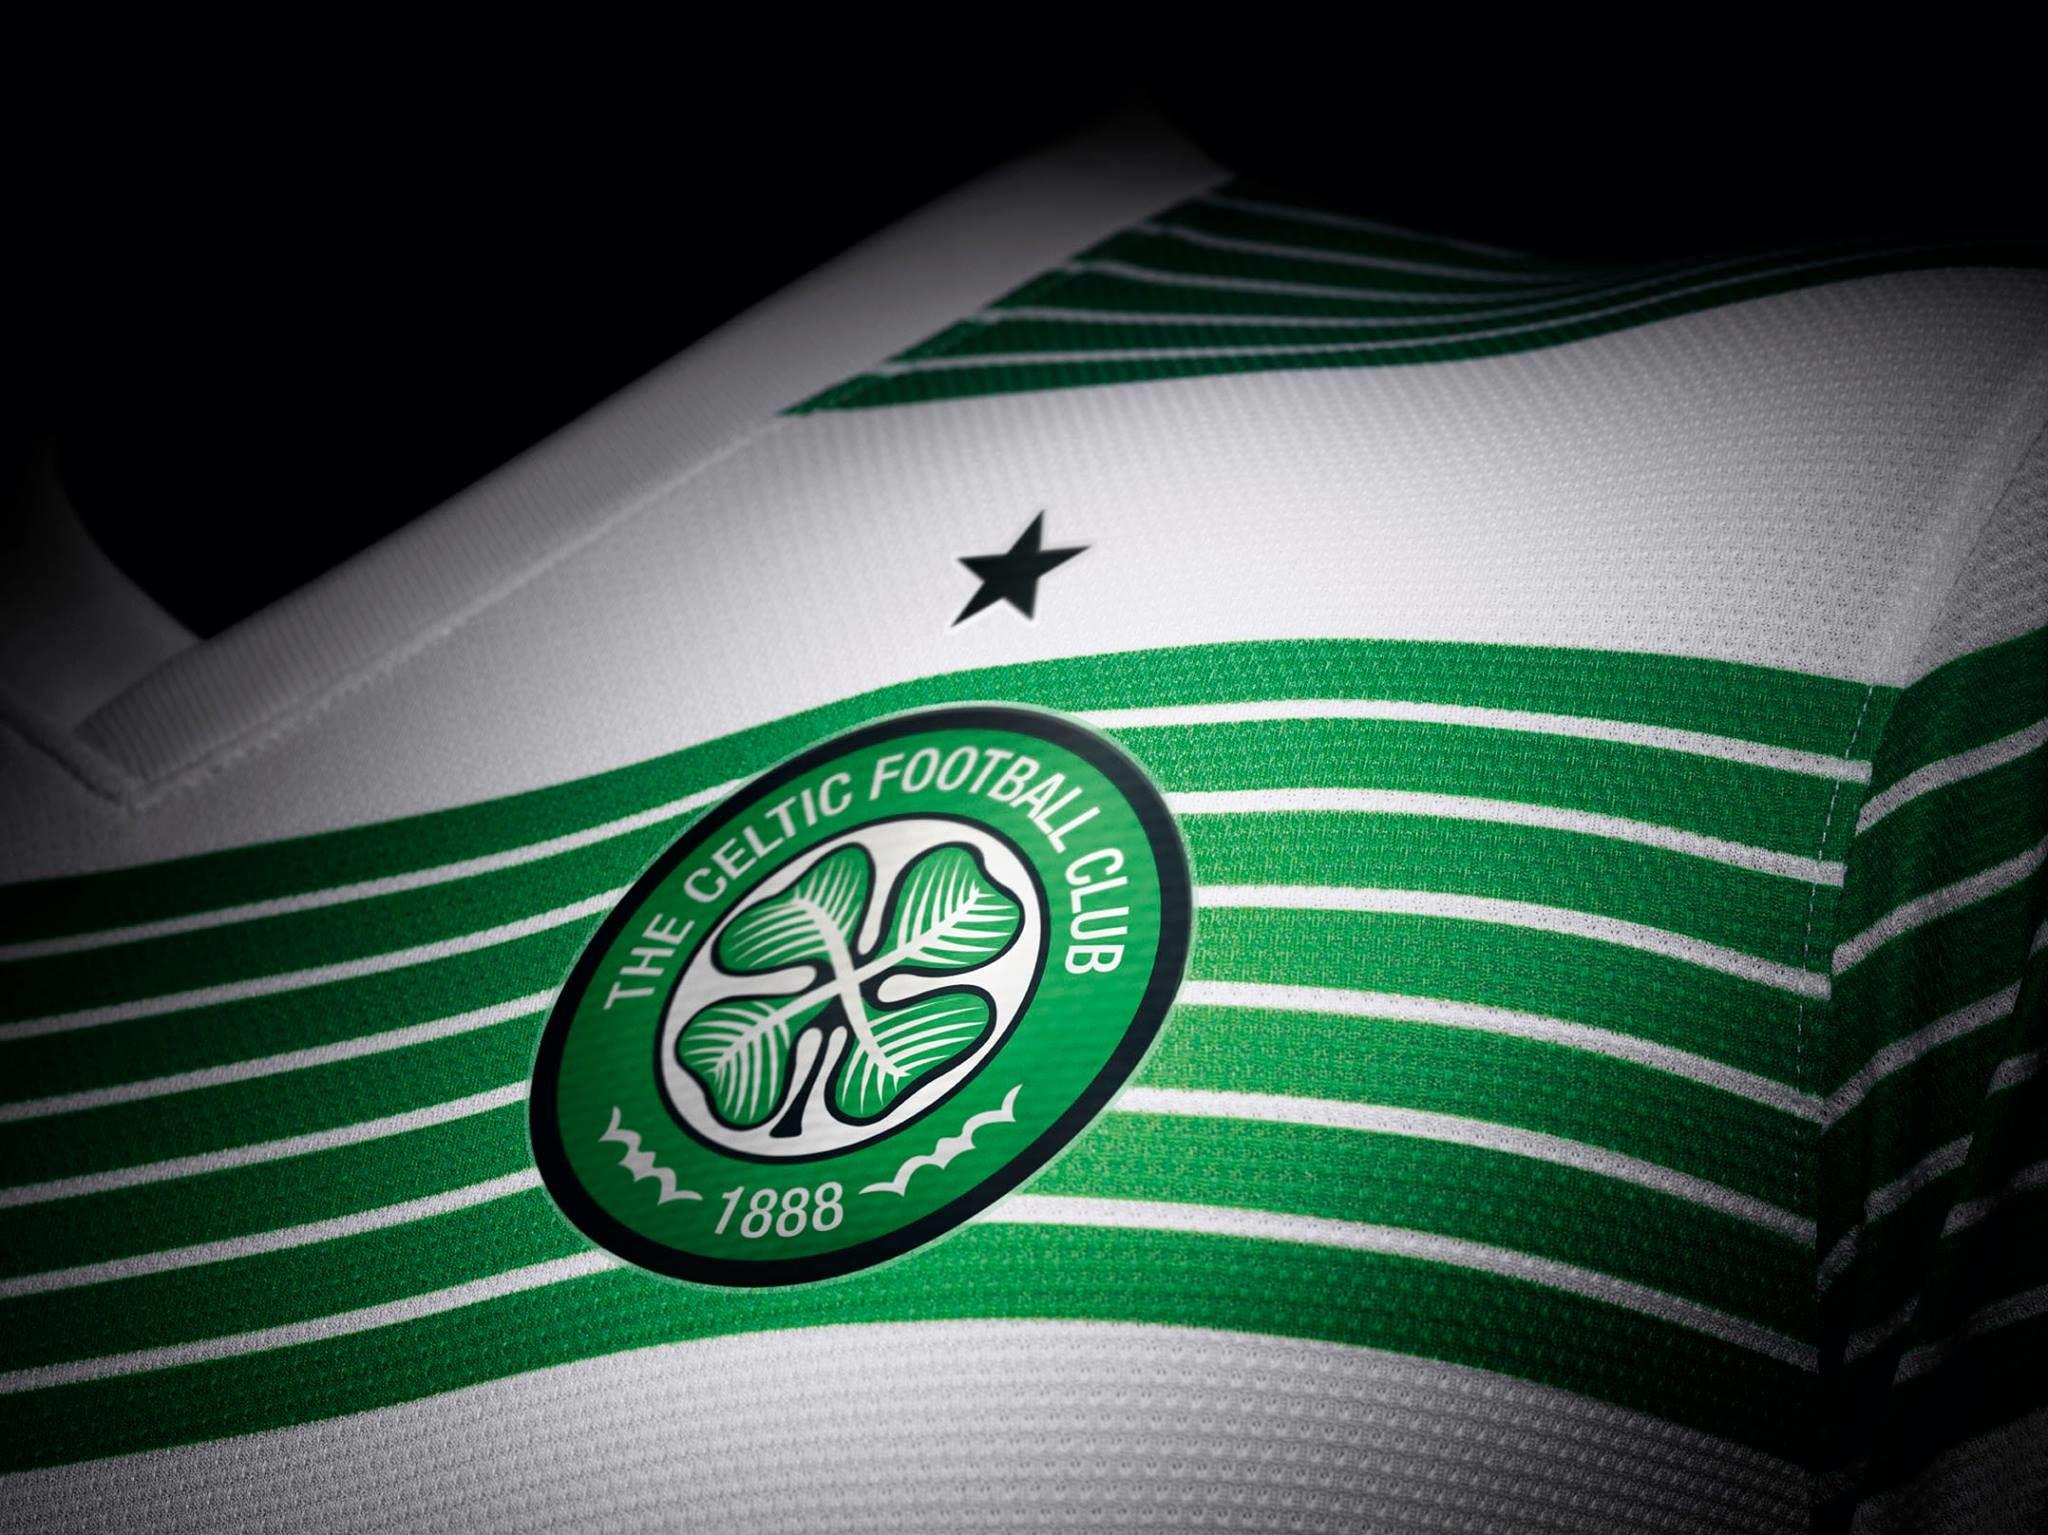 Res: 2048x1535, Celtic FC Wallpaper 9 - 2048 X 1535